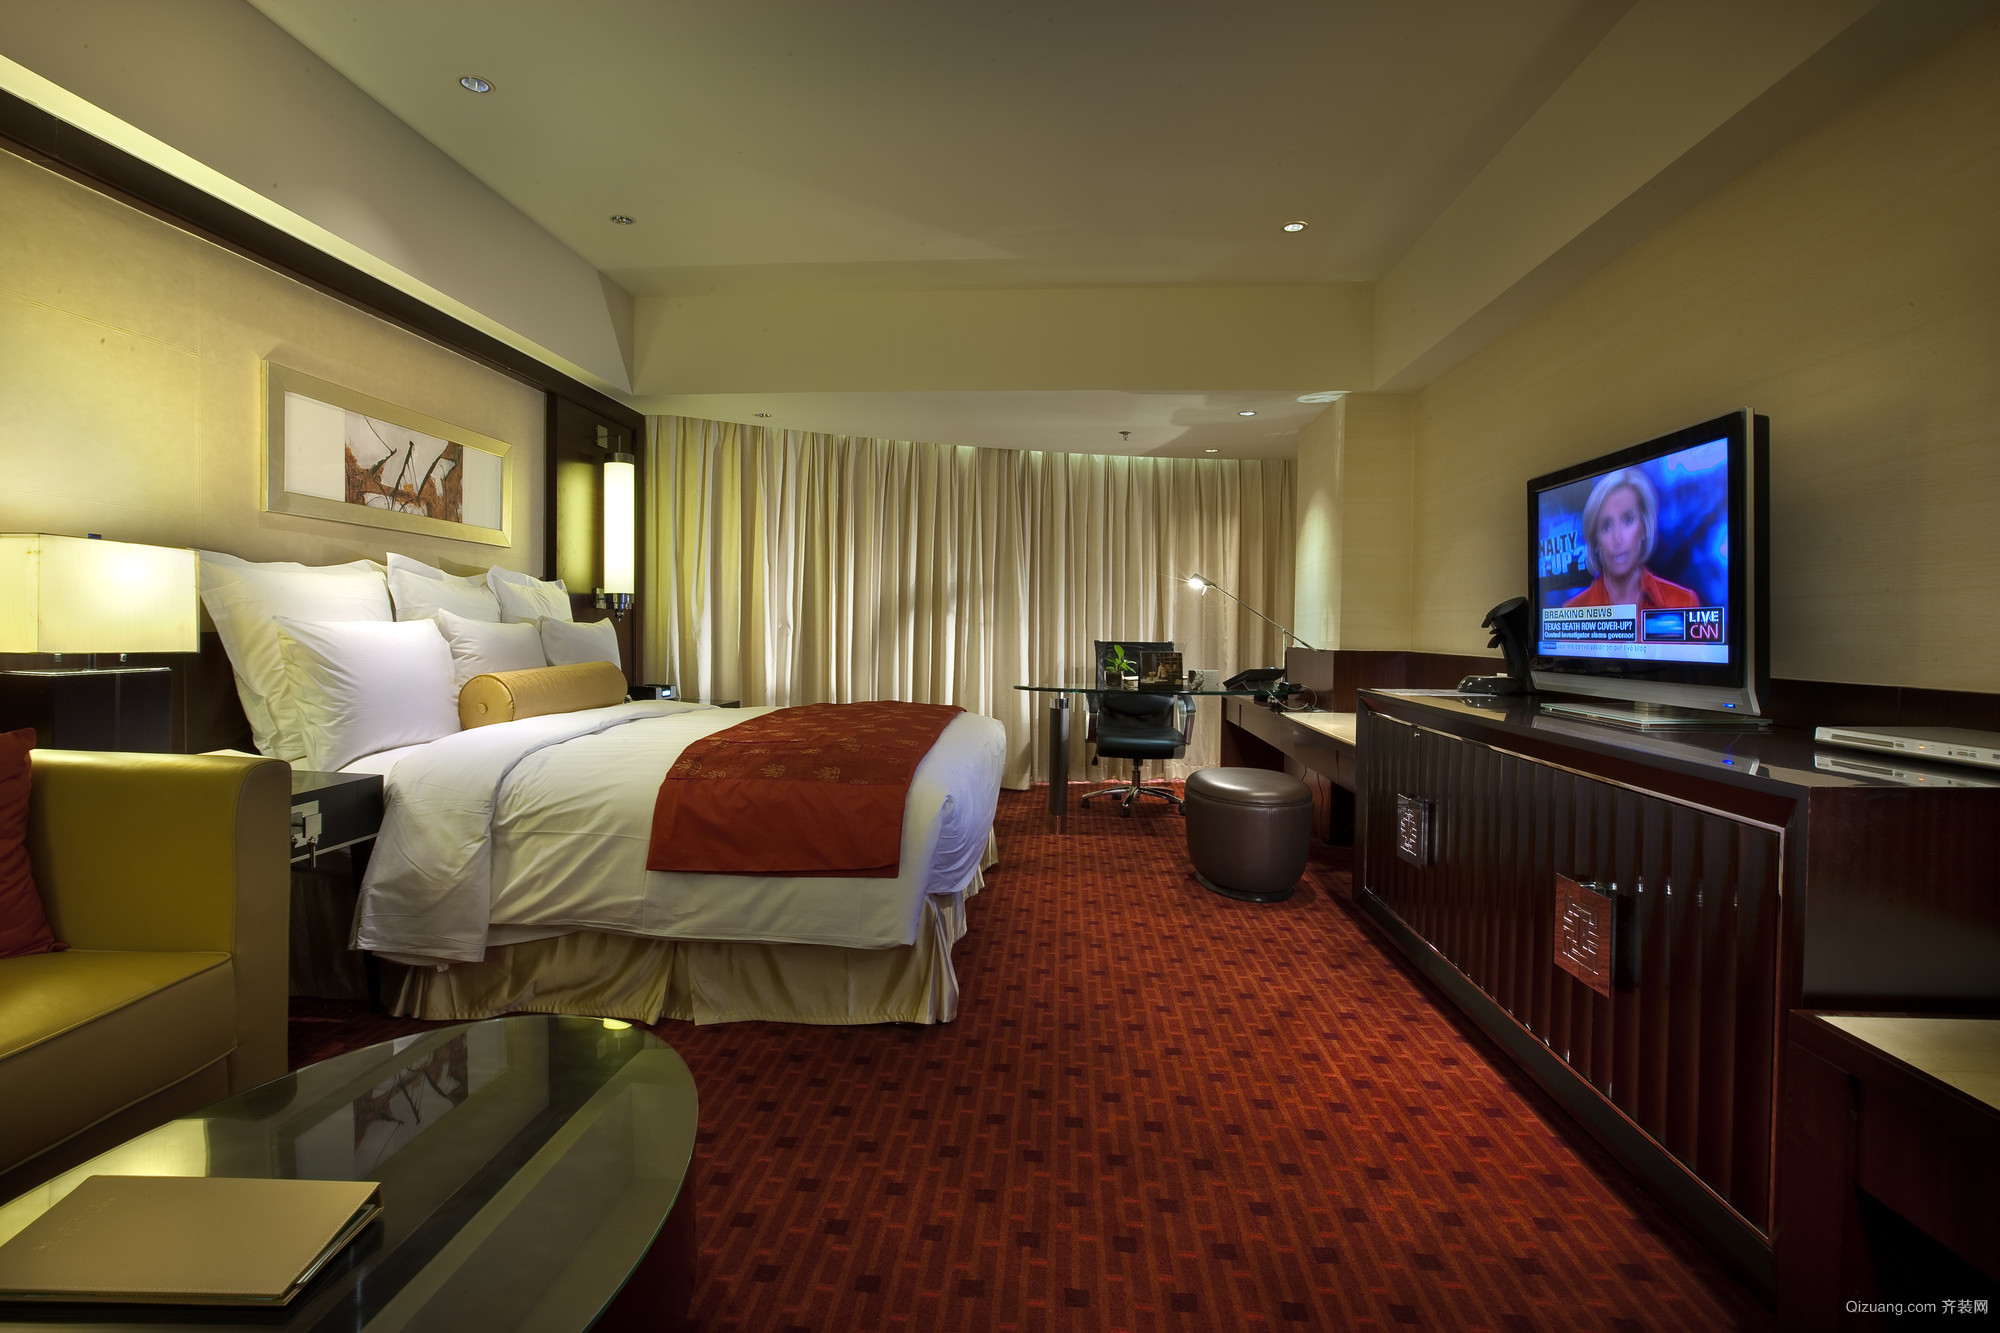 北京荷华万豪酒店混搭风格装修效果图实景图